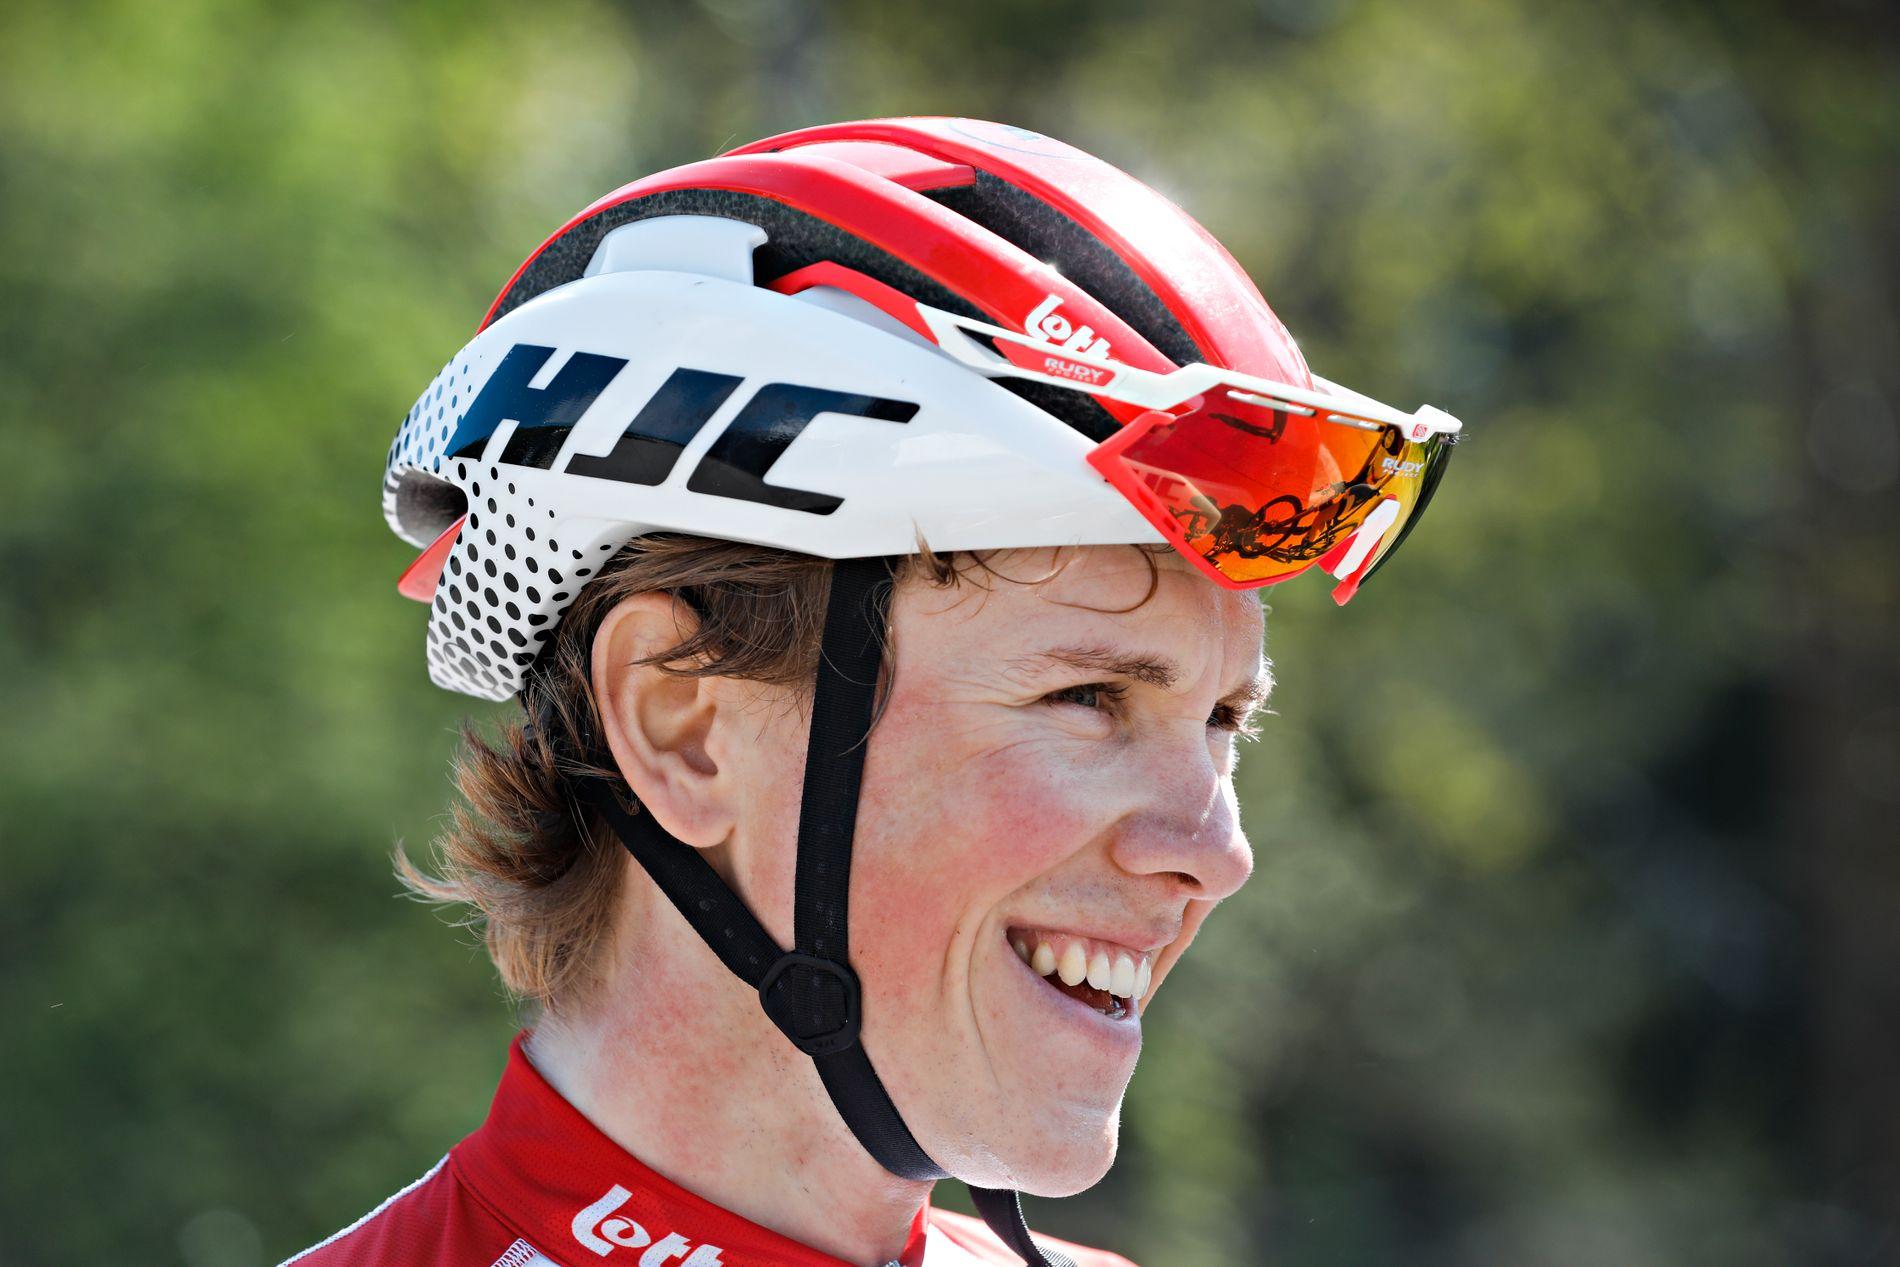 Carl Fredrik Hagen har drevet med fotball, friidrett, langrenn og sykling. Valget falt til slutt på sistnevnte.